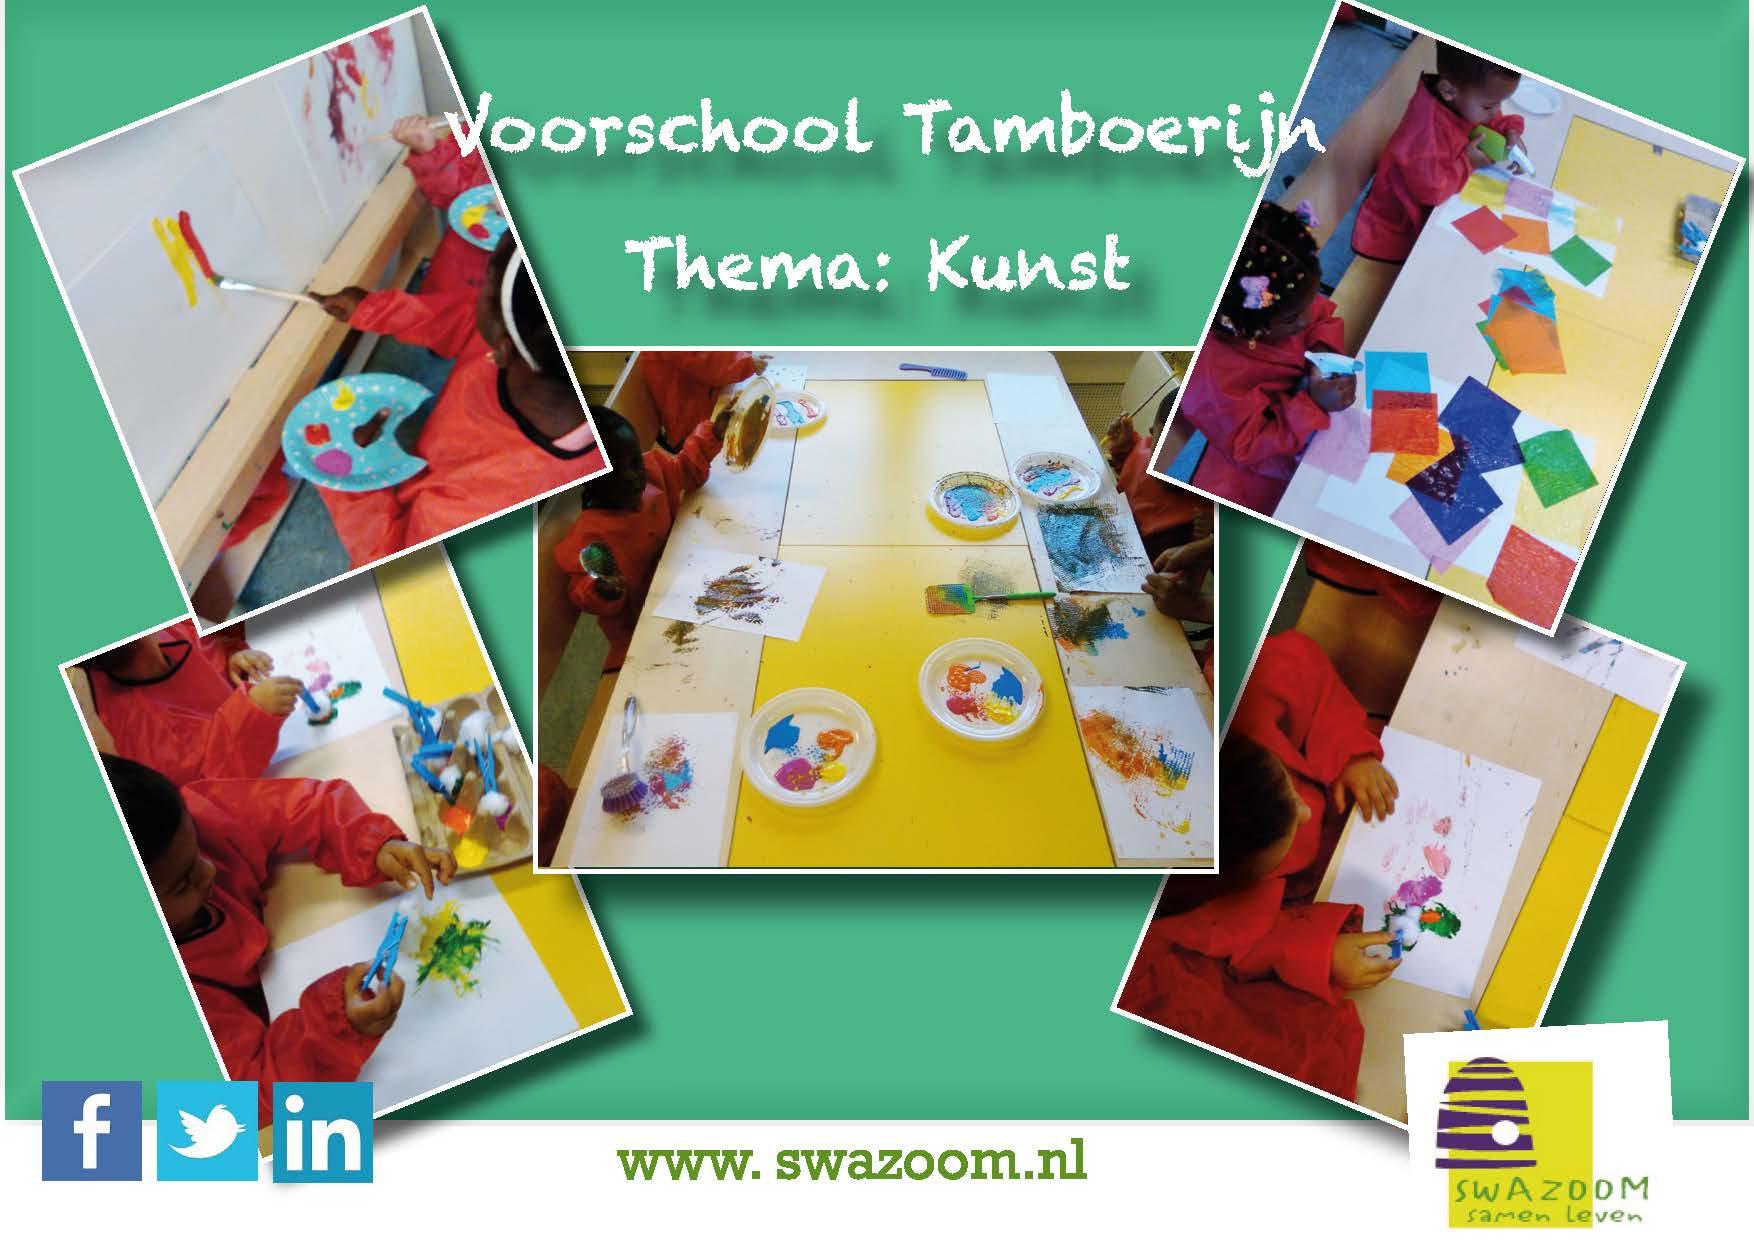 Voorschool Tamboerijn 3